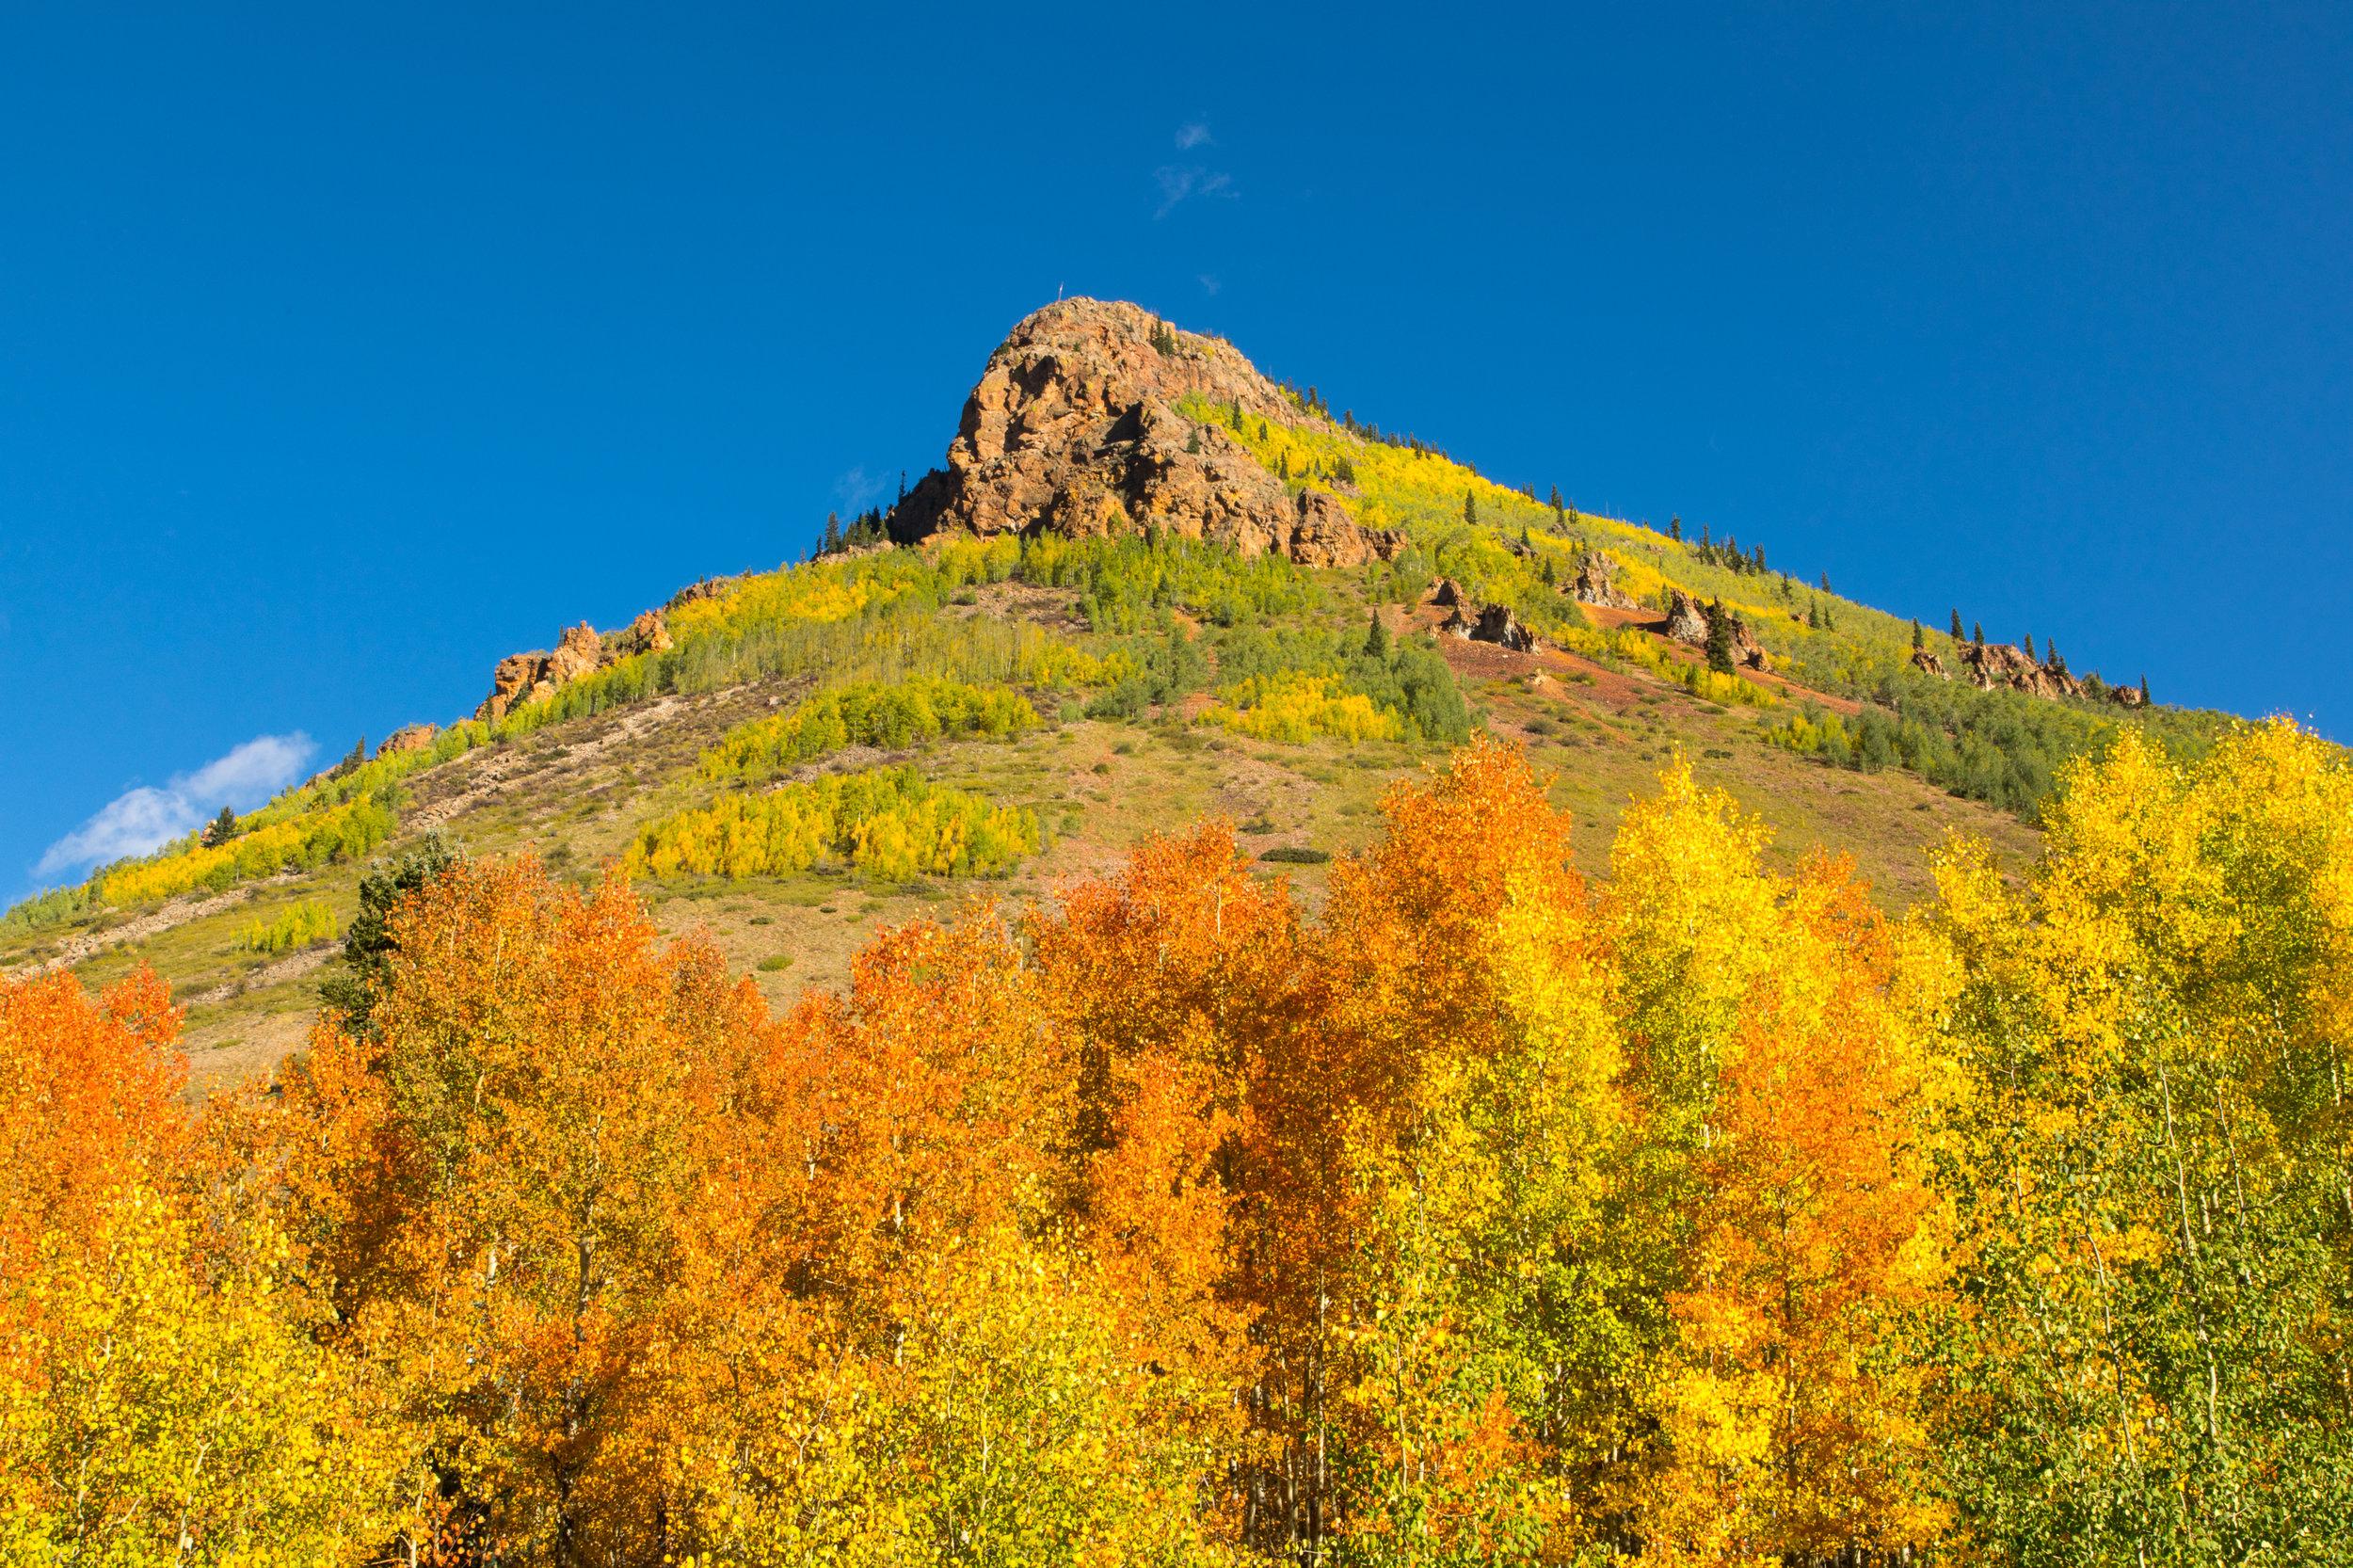 Silverton, Colorado, Image # 9182